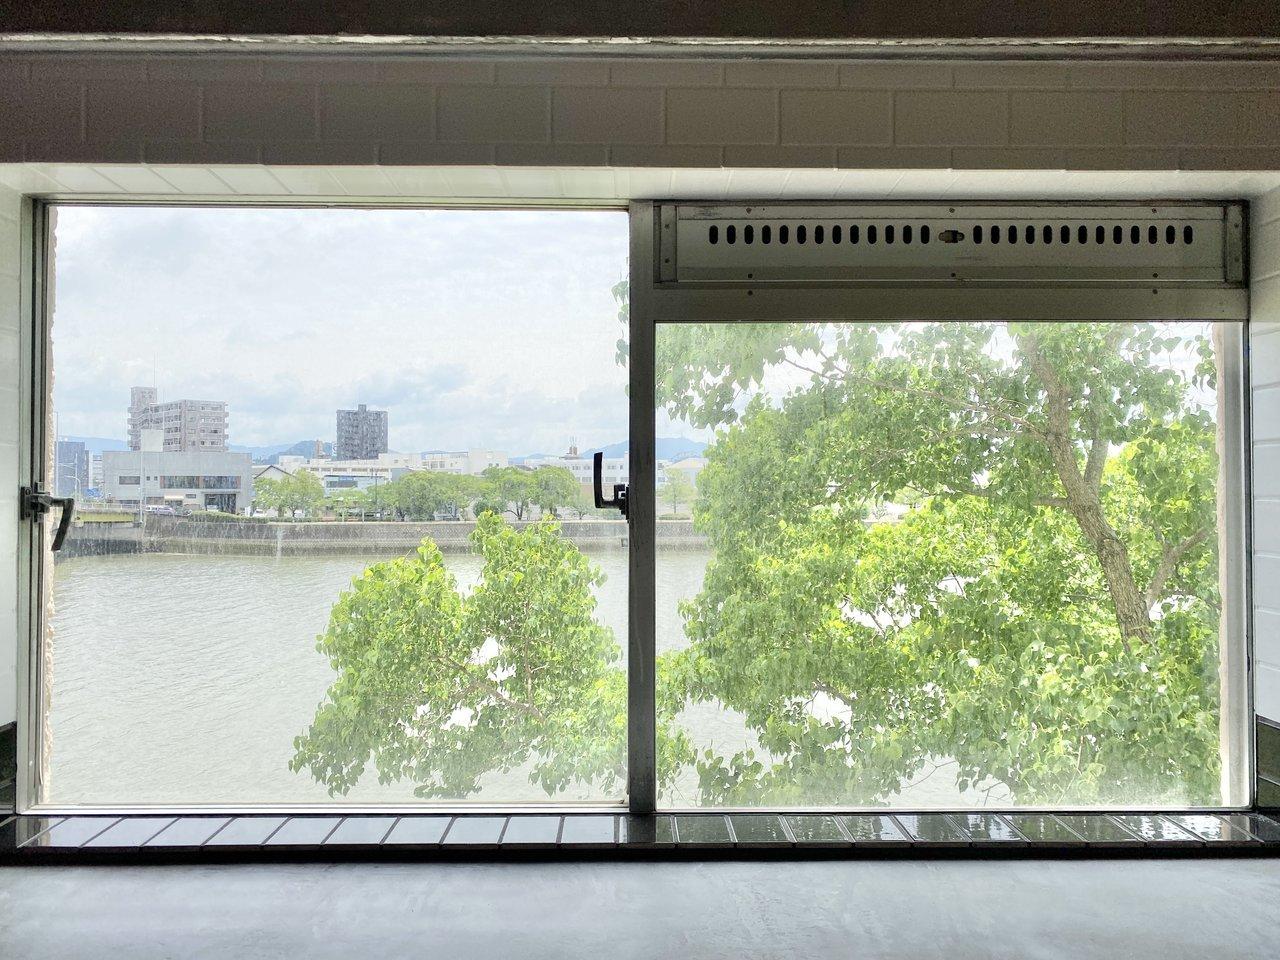 窓からは川を一望できます。絵になる景色ですね。